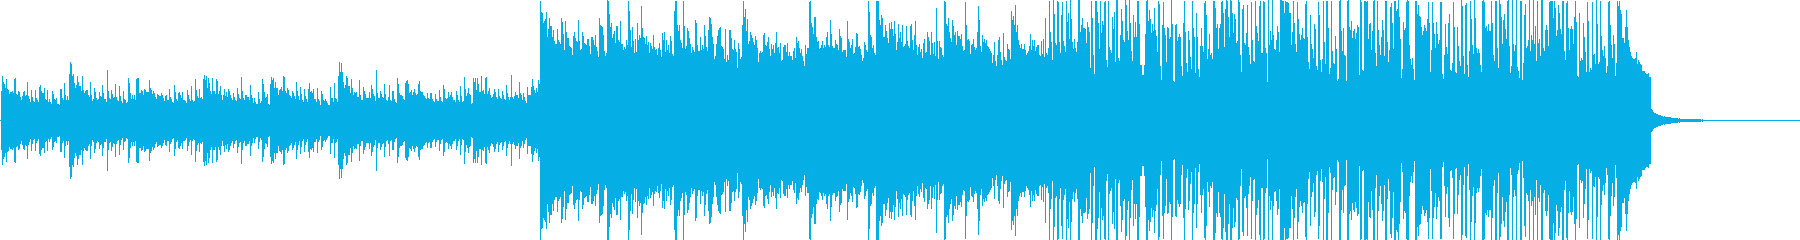 ギターのハーモニクスとシンセサイザ...の再生済みの波形